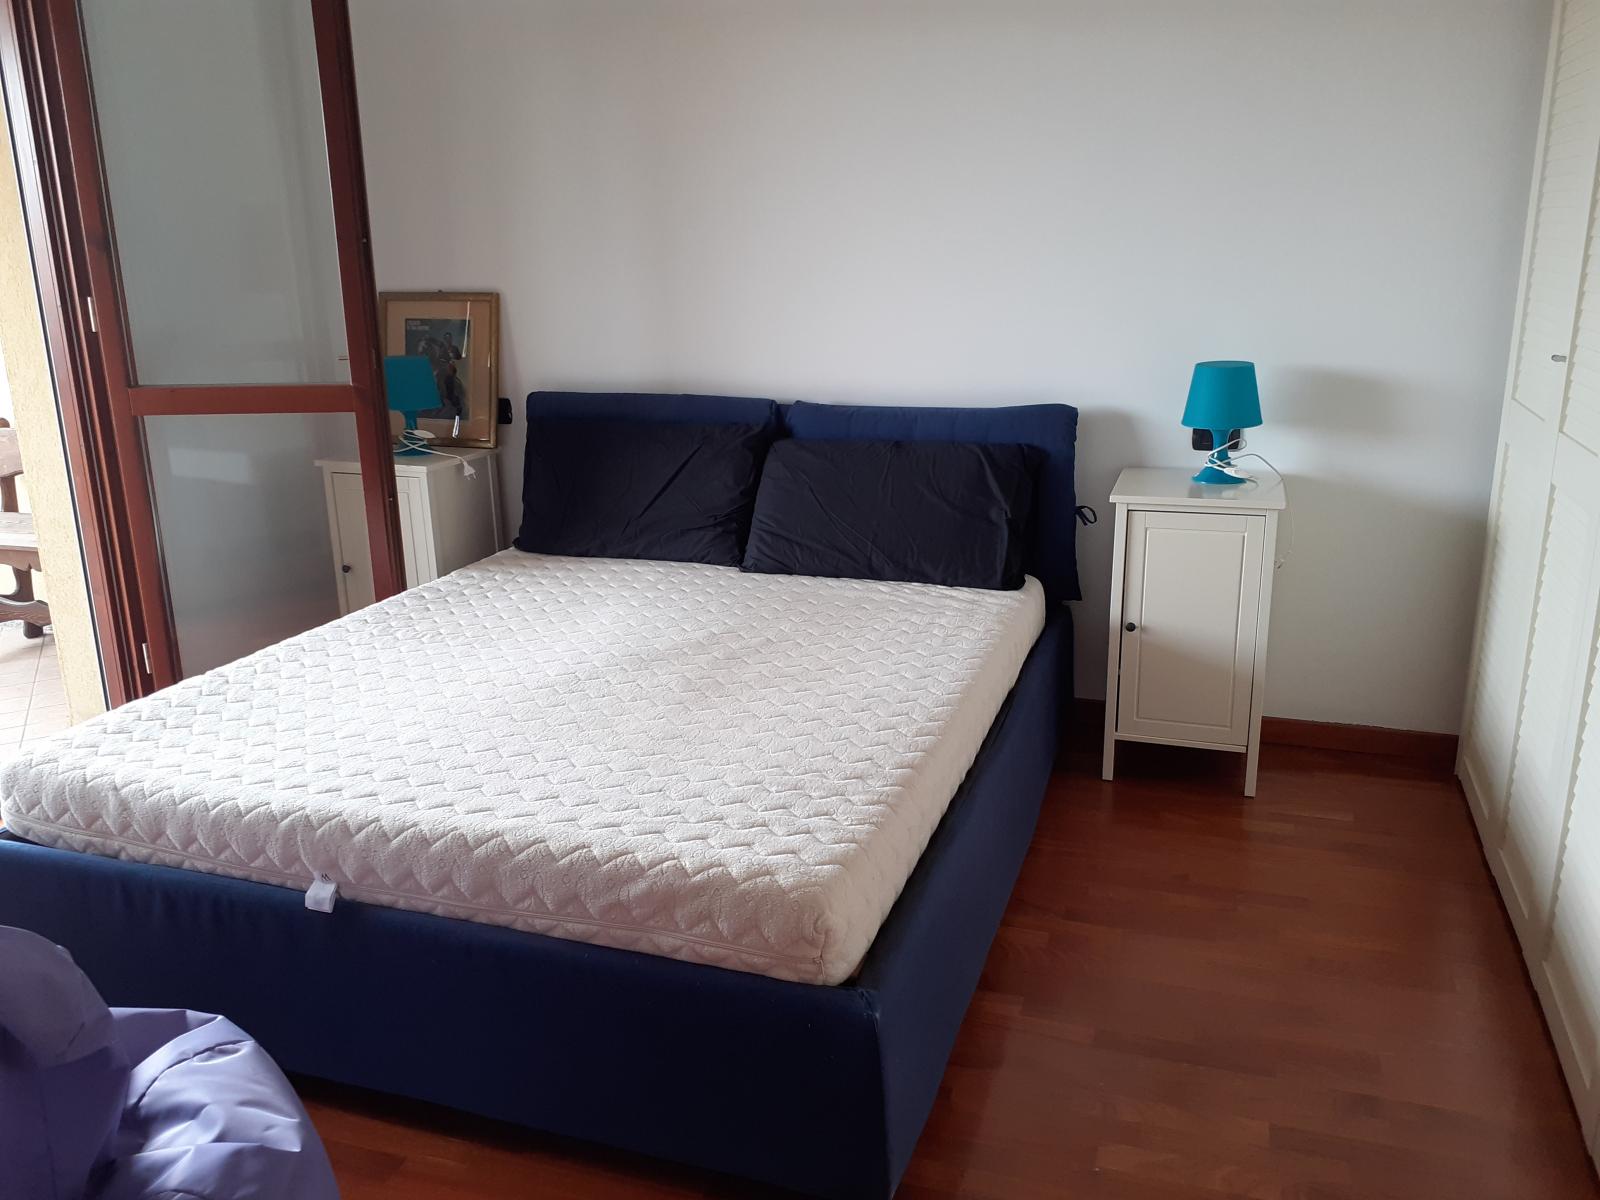 appartamento-in-vendita-bareggio-2-locali-bilocale-spaziourbano-immobiliare-vende-1